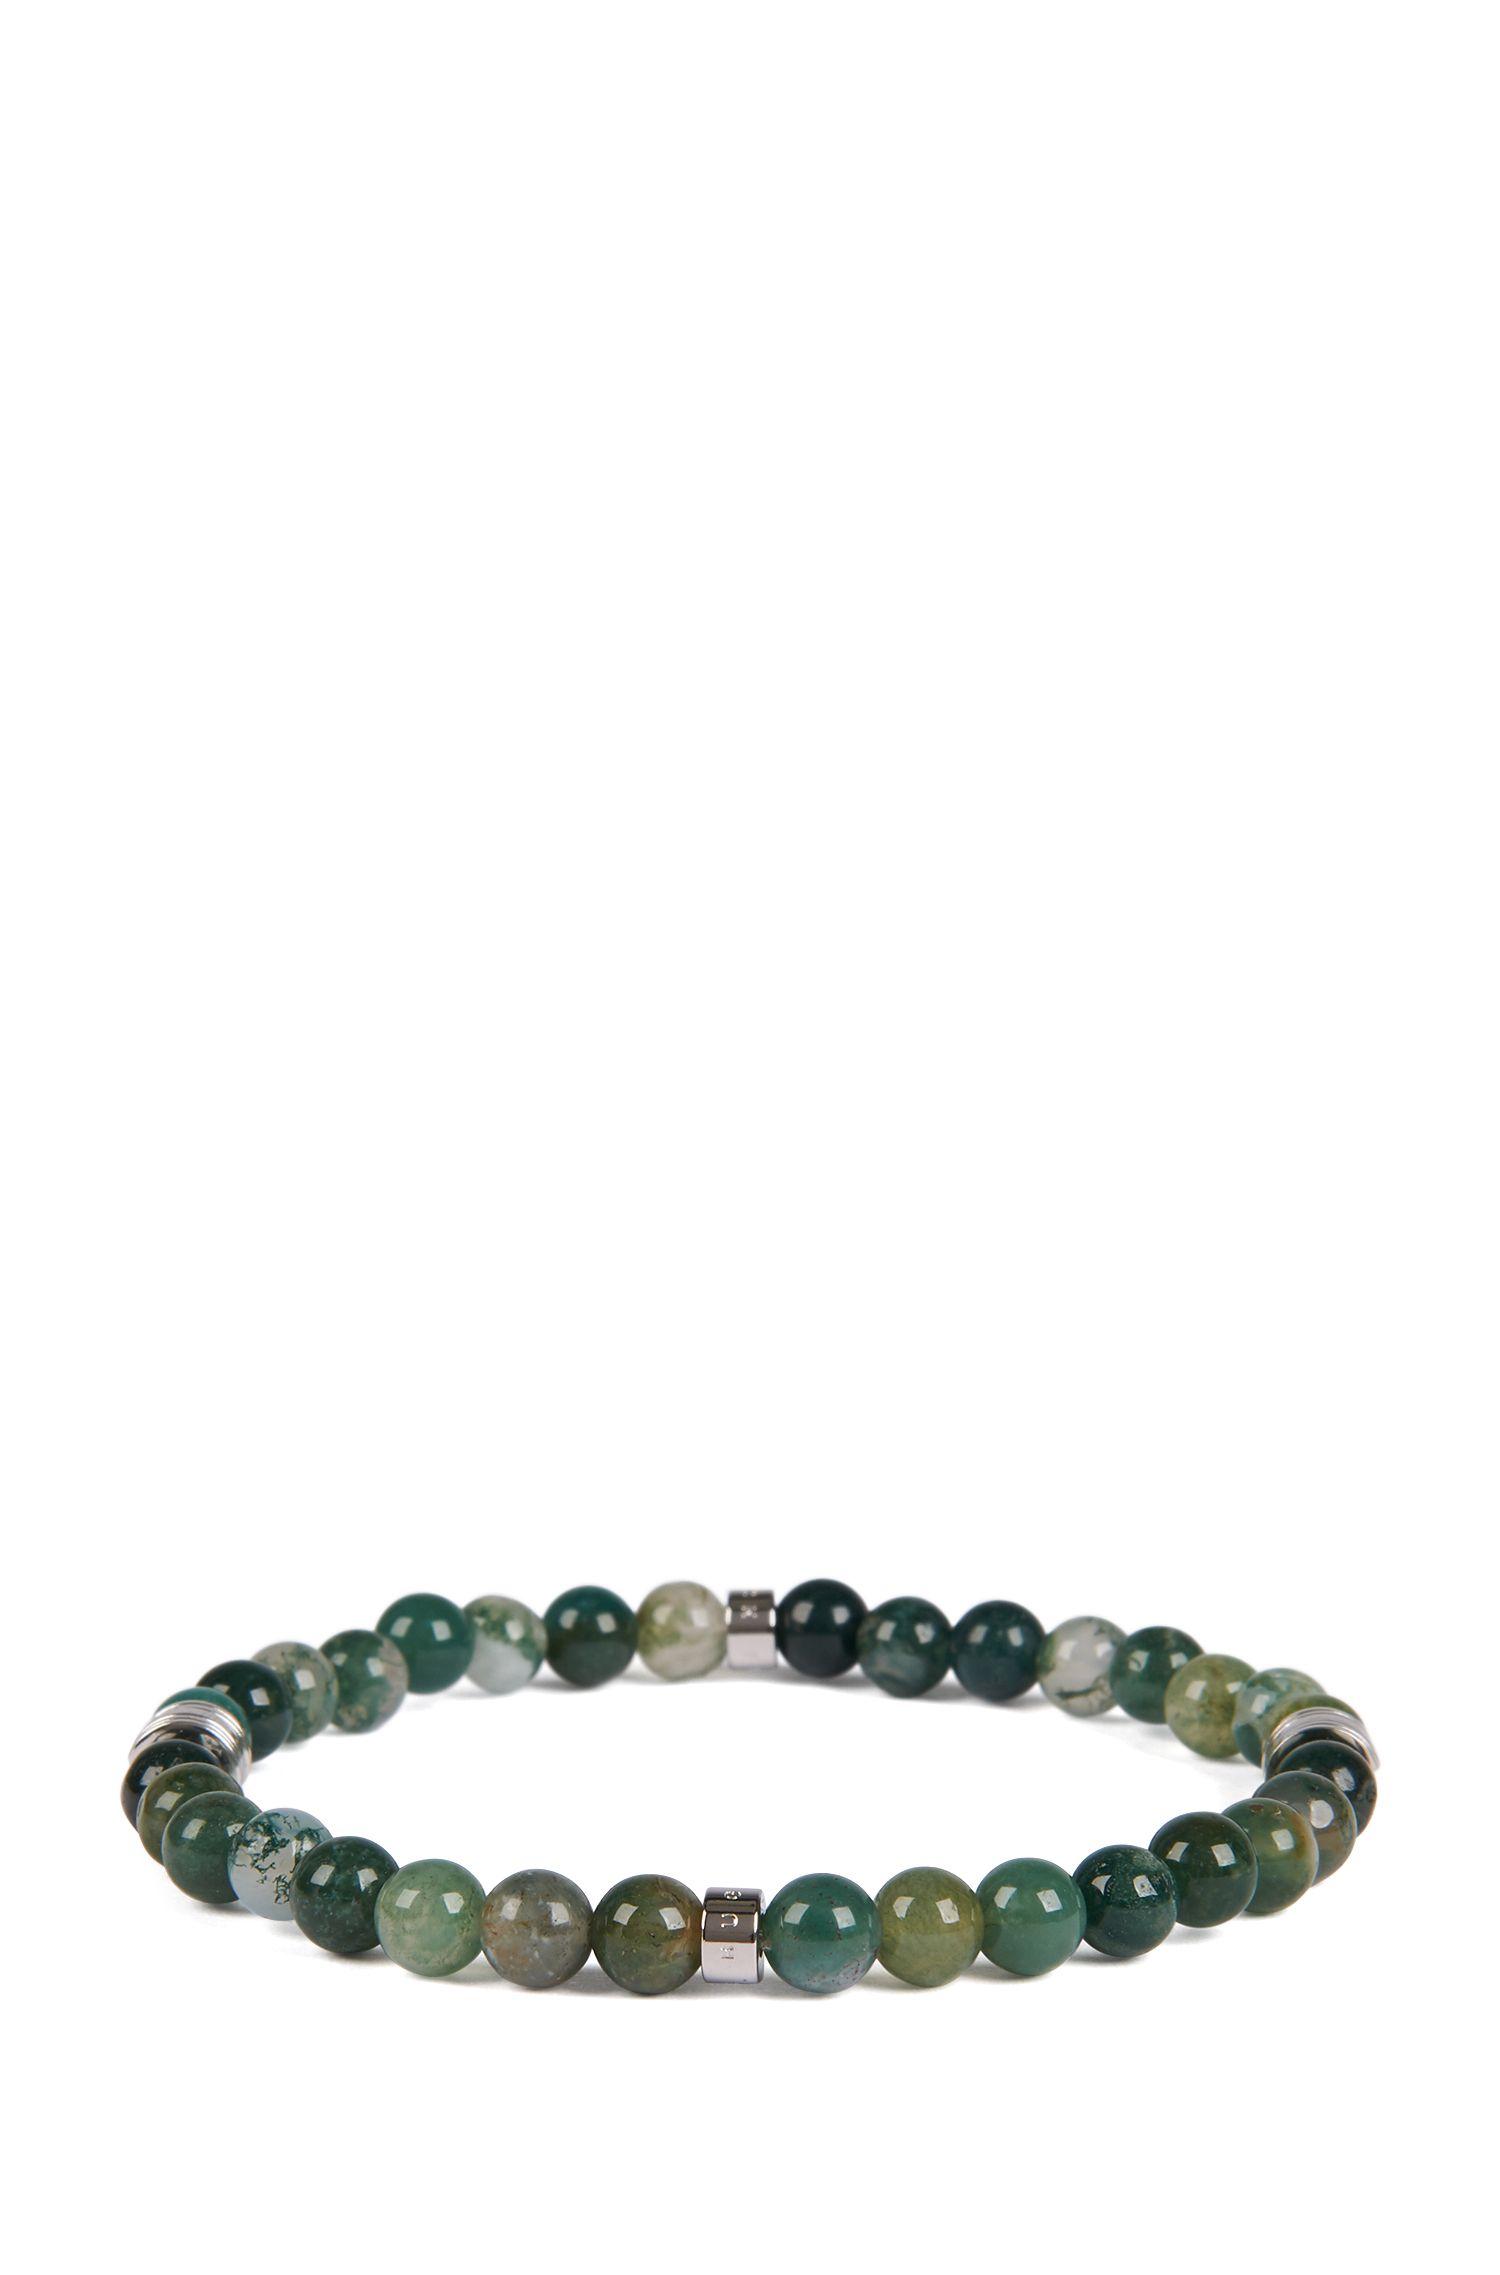 In Italien gefertigtes Armband mit Achat-Perlen, Dunkelgrün